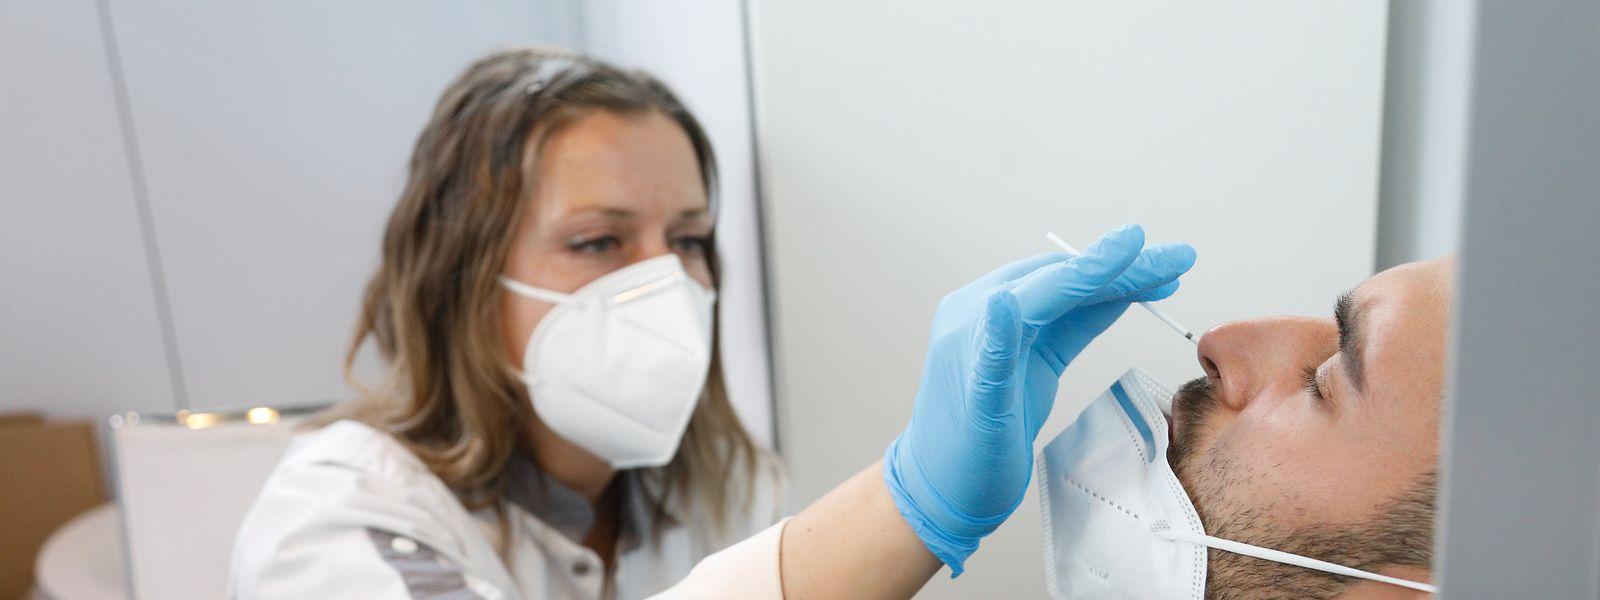 Die Tests sind zuverlässig, allerdings kann beim Abstrich zu wenig Virusmaterial auf die Teststäbchen geraten. Das Resultat sind falsch negative Ergebnisse.